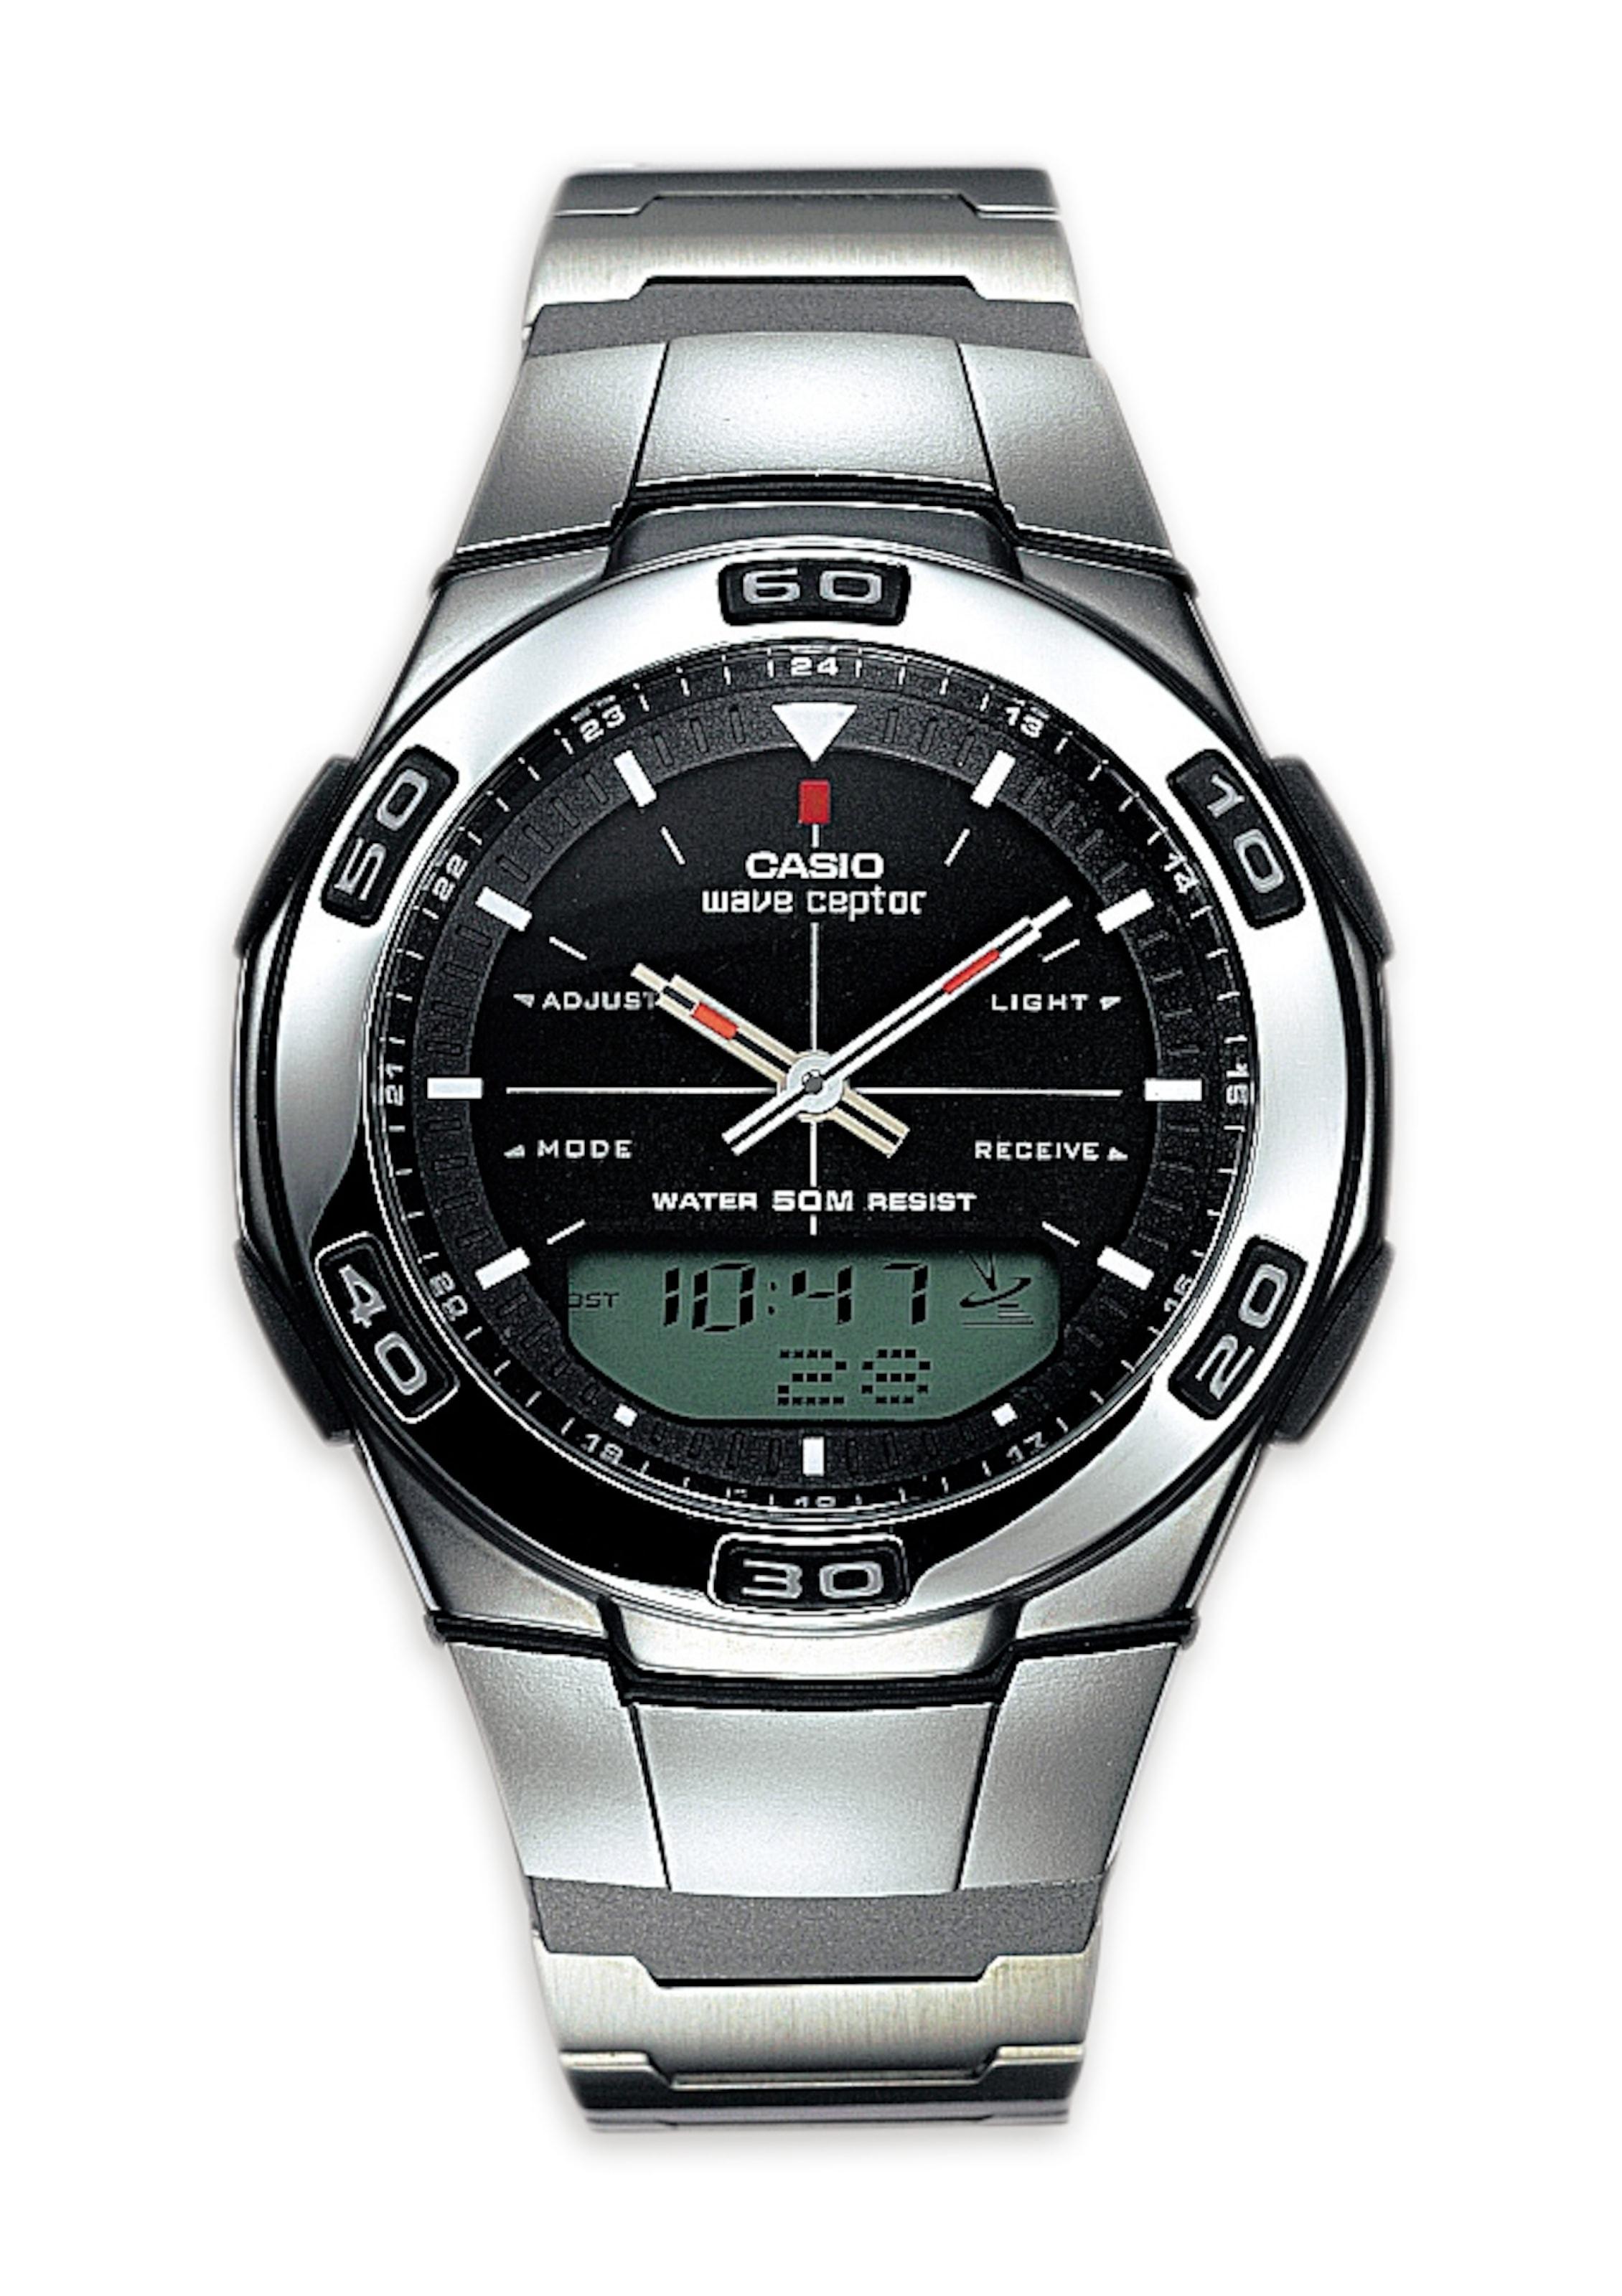 Auslass Amazon CASIO Funkchronograph Spielraum Offizielle Seite Geniue Händler Online Abstand Rabatt Billig Verkauf Echten thG4KvOII6